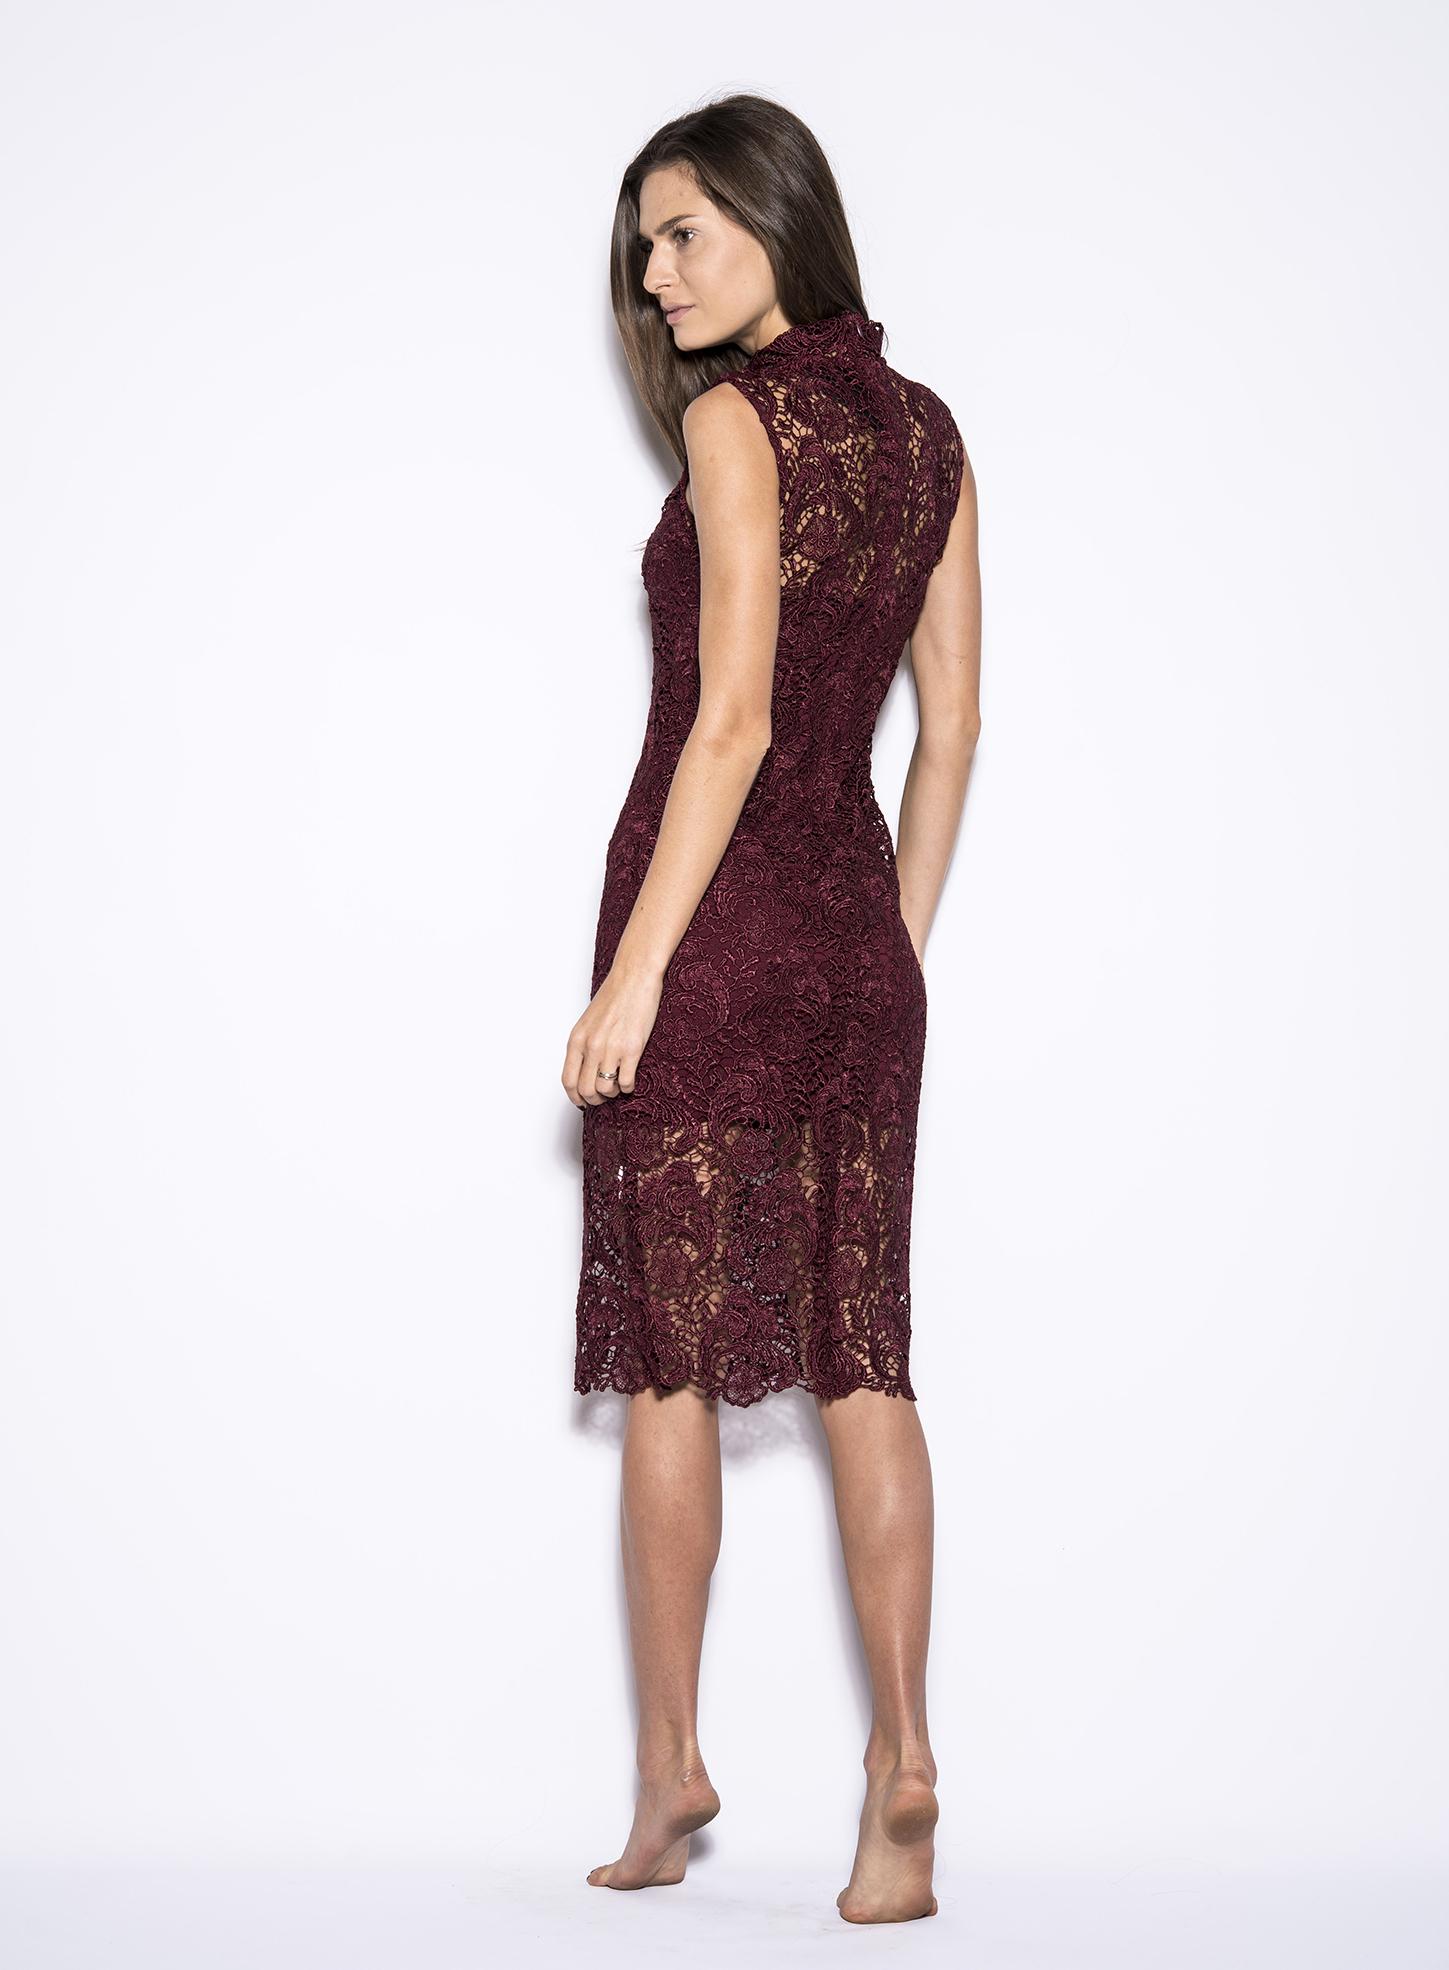 Turtleneck Lace Dress